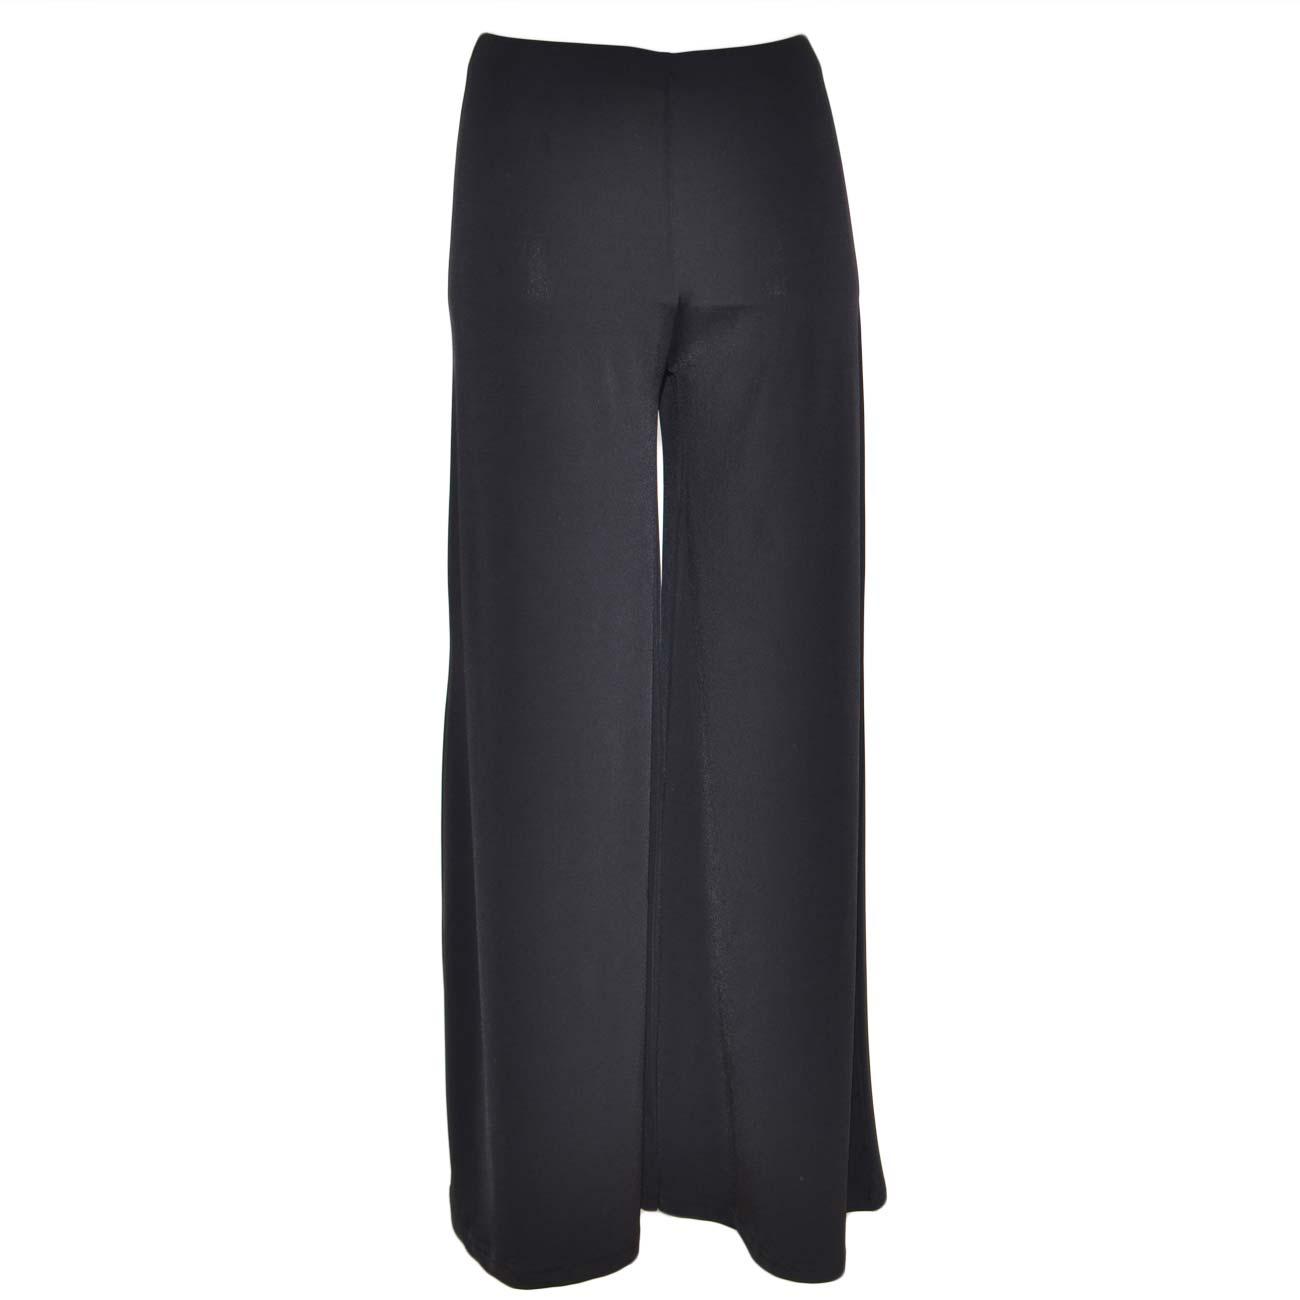 d6ba2615f8 Pantaloni palazzo donna neri in elastene morbido e sottile con elastico in  vita